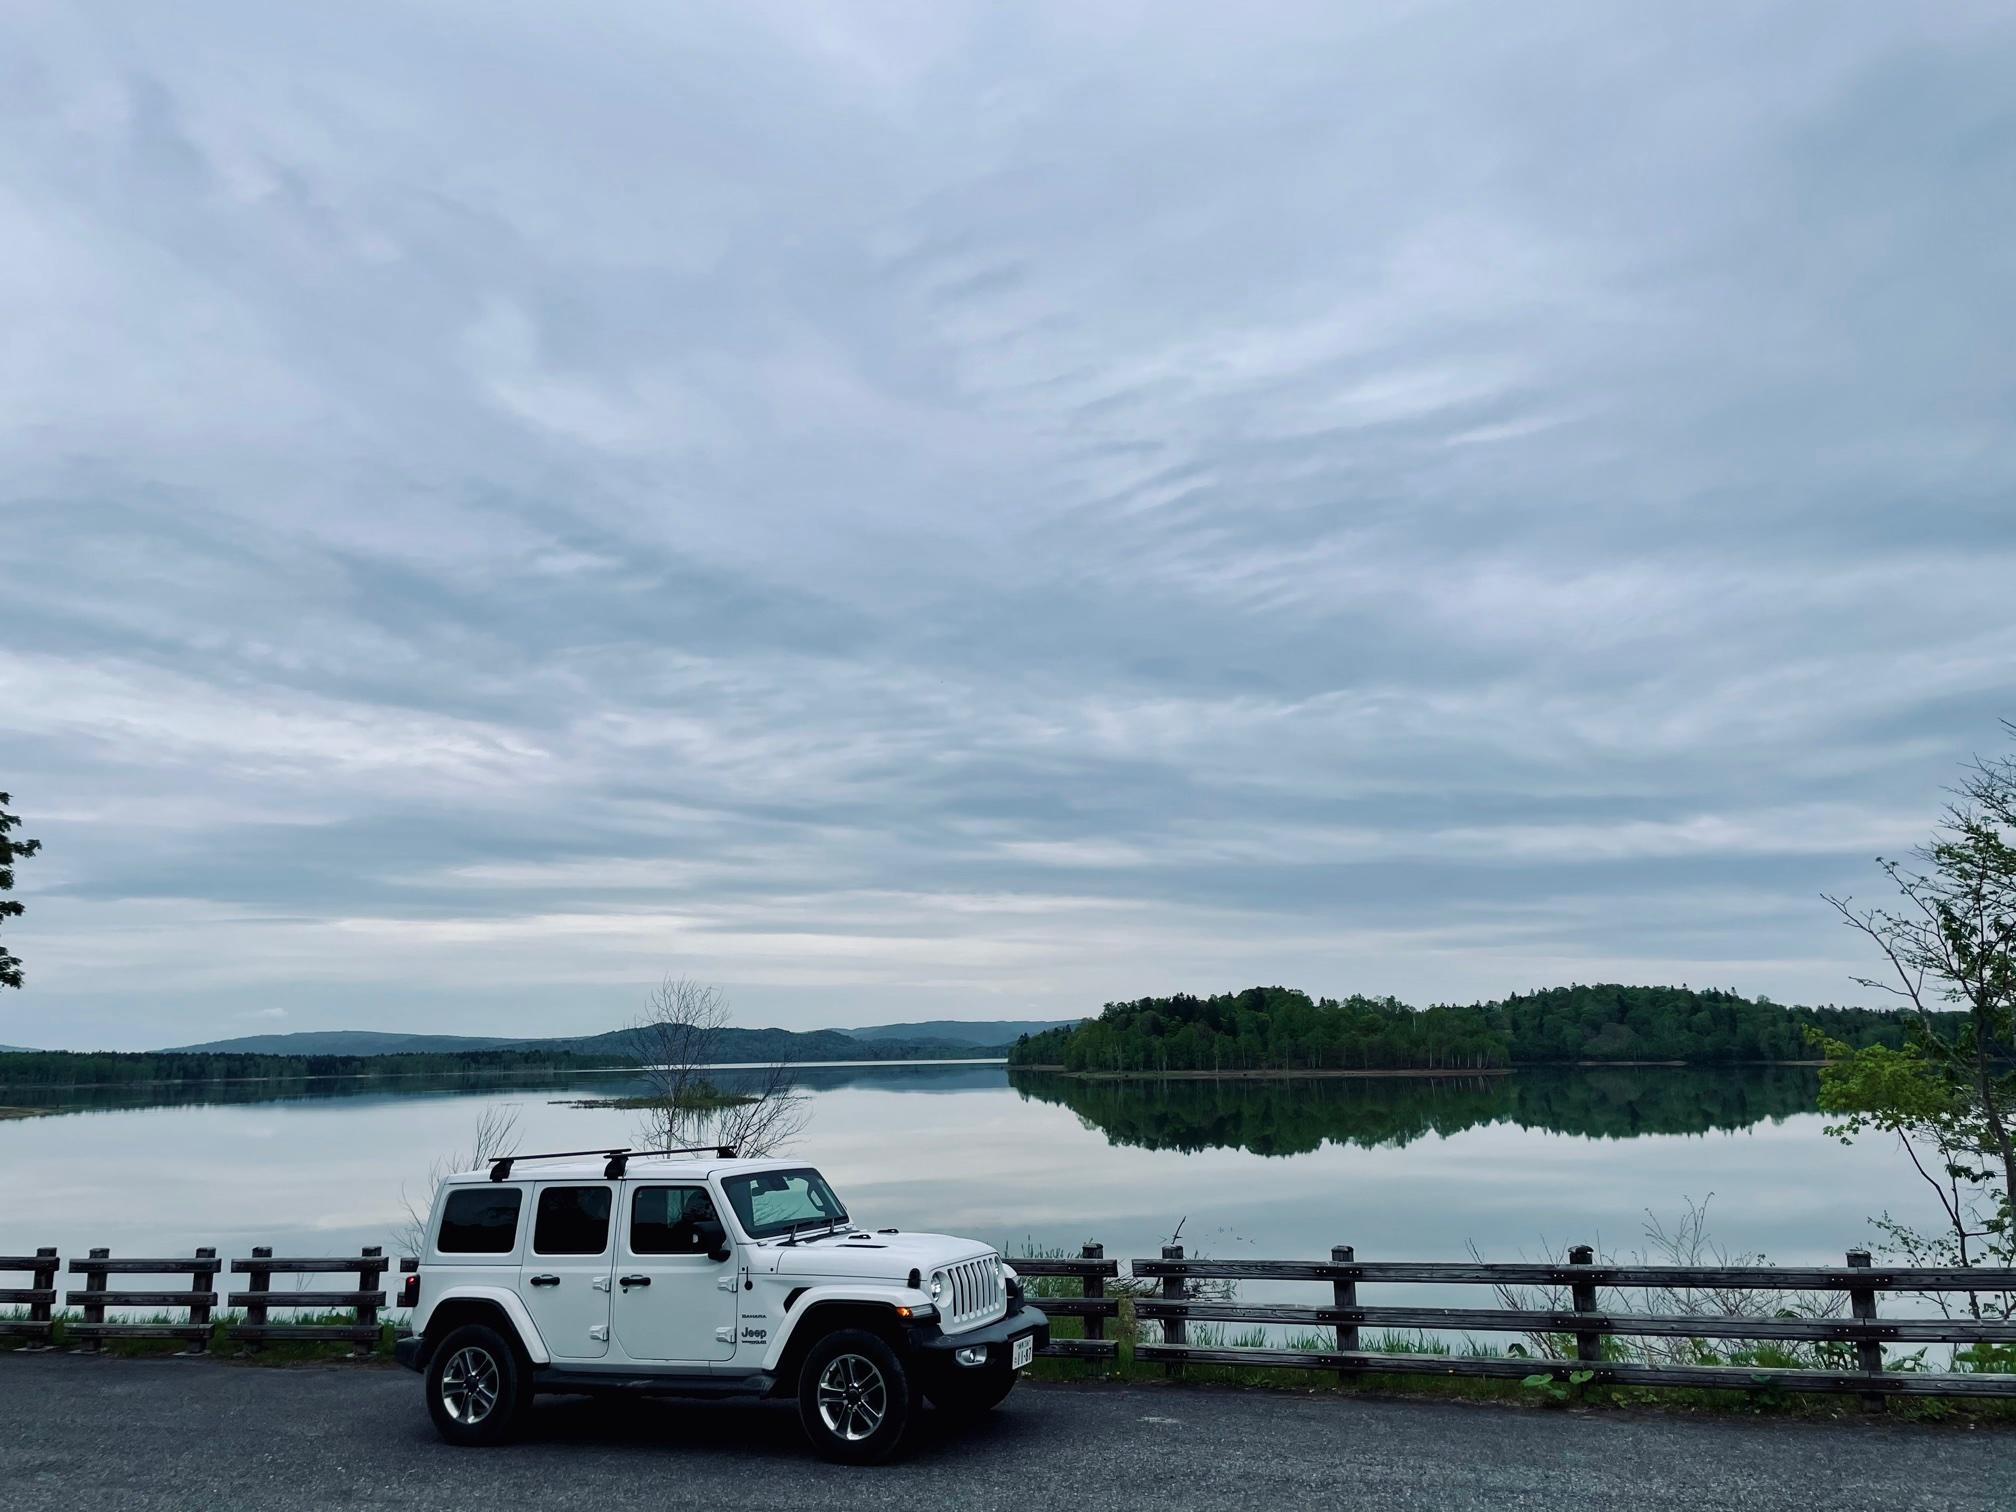 朱鞠内湖に到着